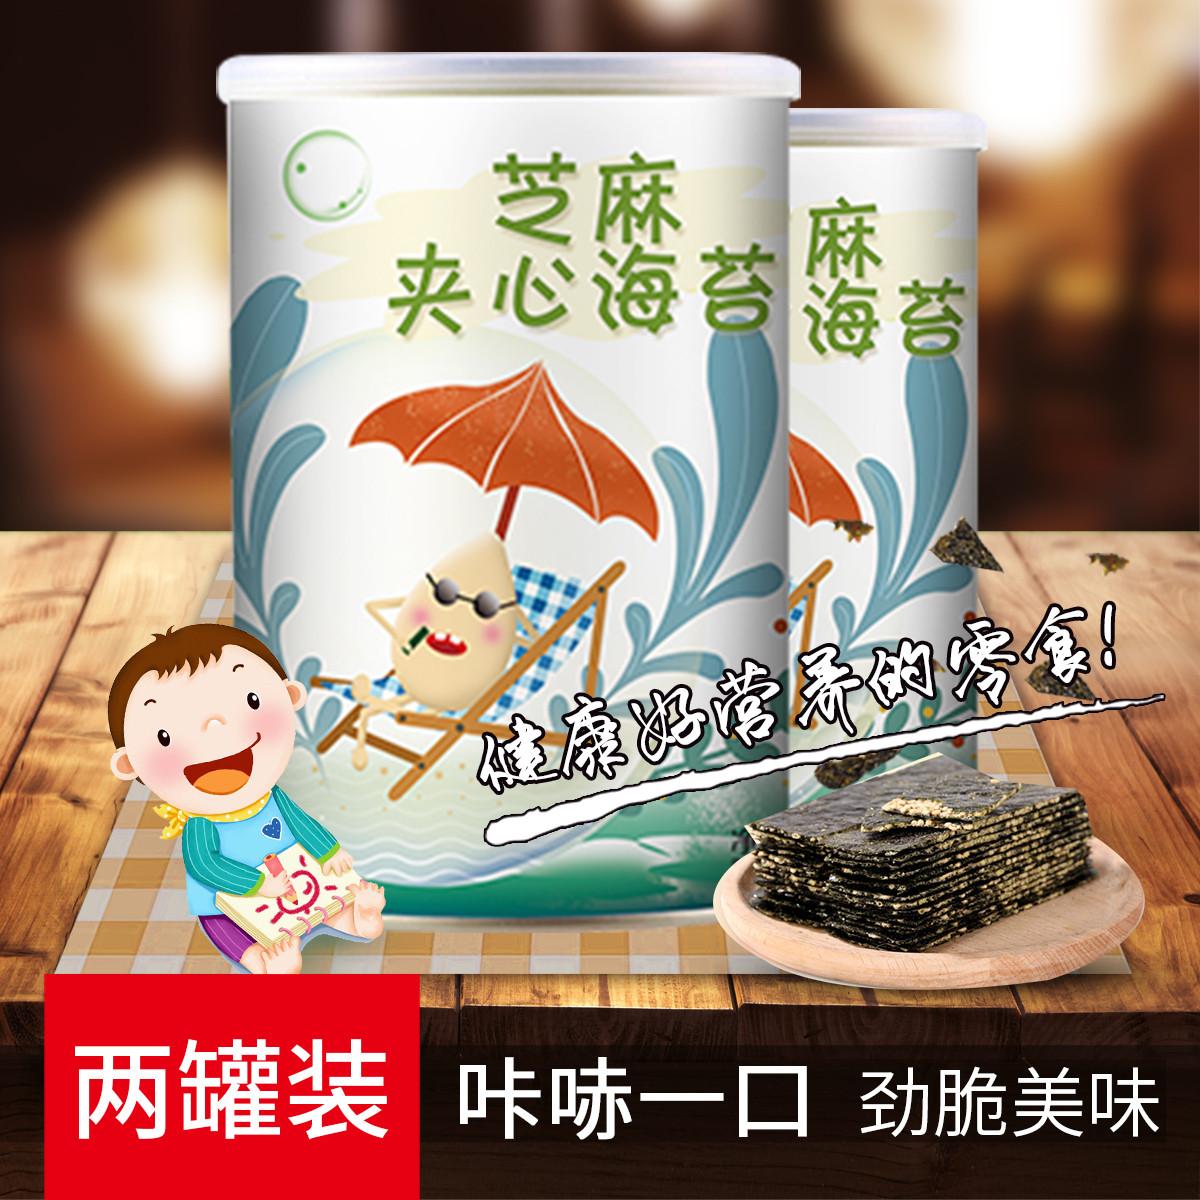 苏兰亭2罐 有机芝麻夹心海苔夹心脆孕妇儿童海苔寿司即食海苔52克COLOR其它颜色